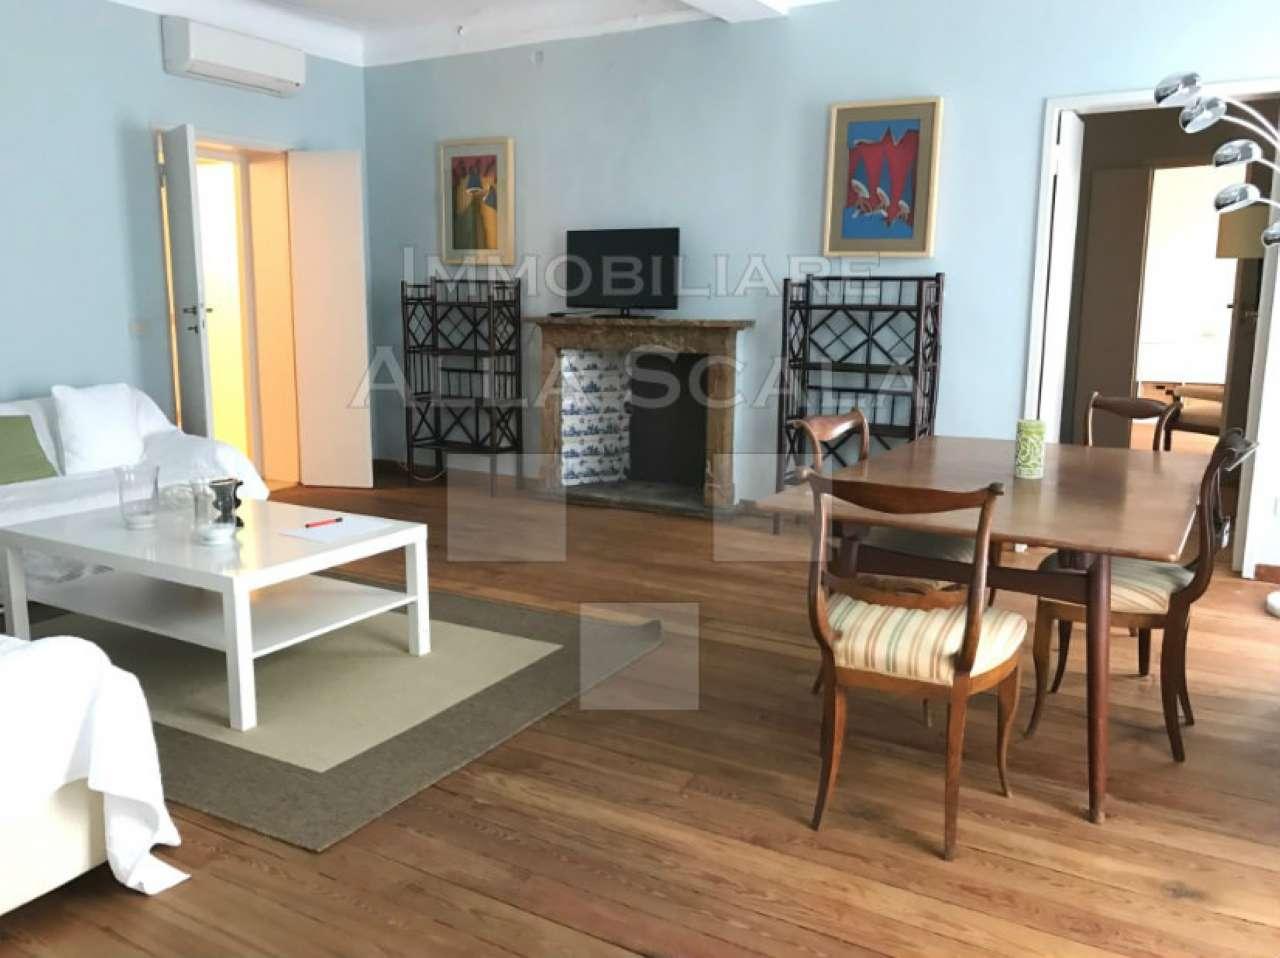 Casa milano appartamenti e case in affitto a milano for Case arredate affitto milano